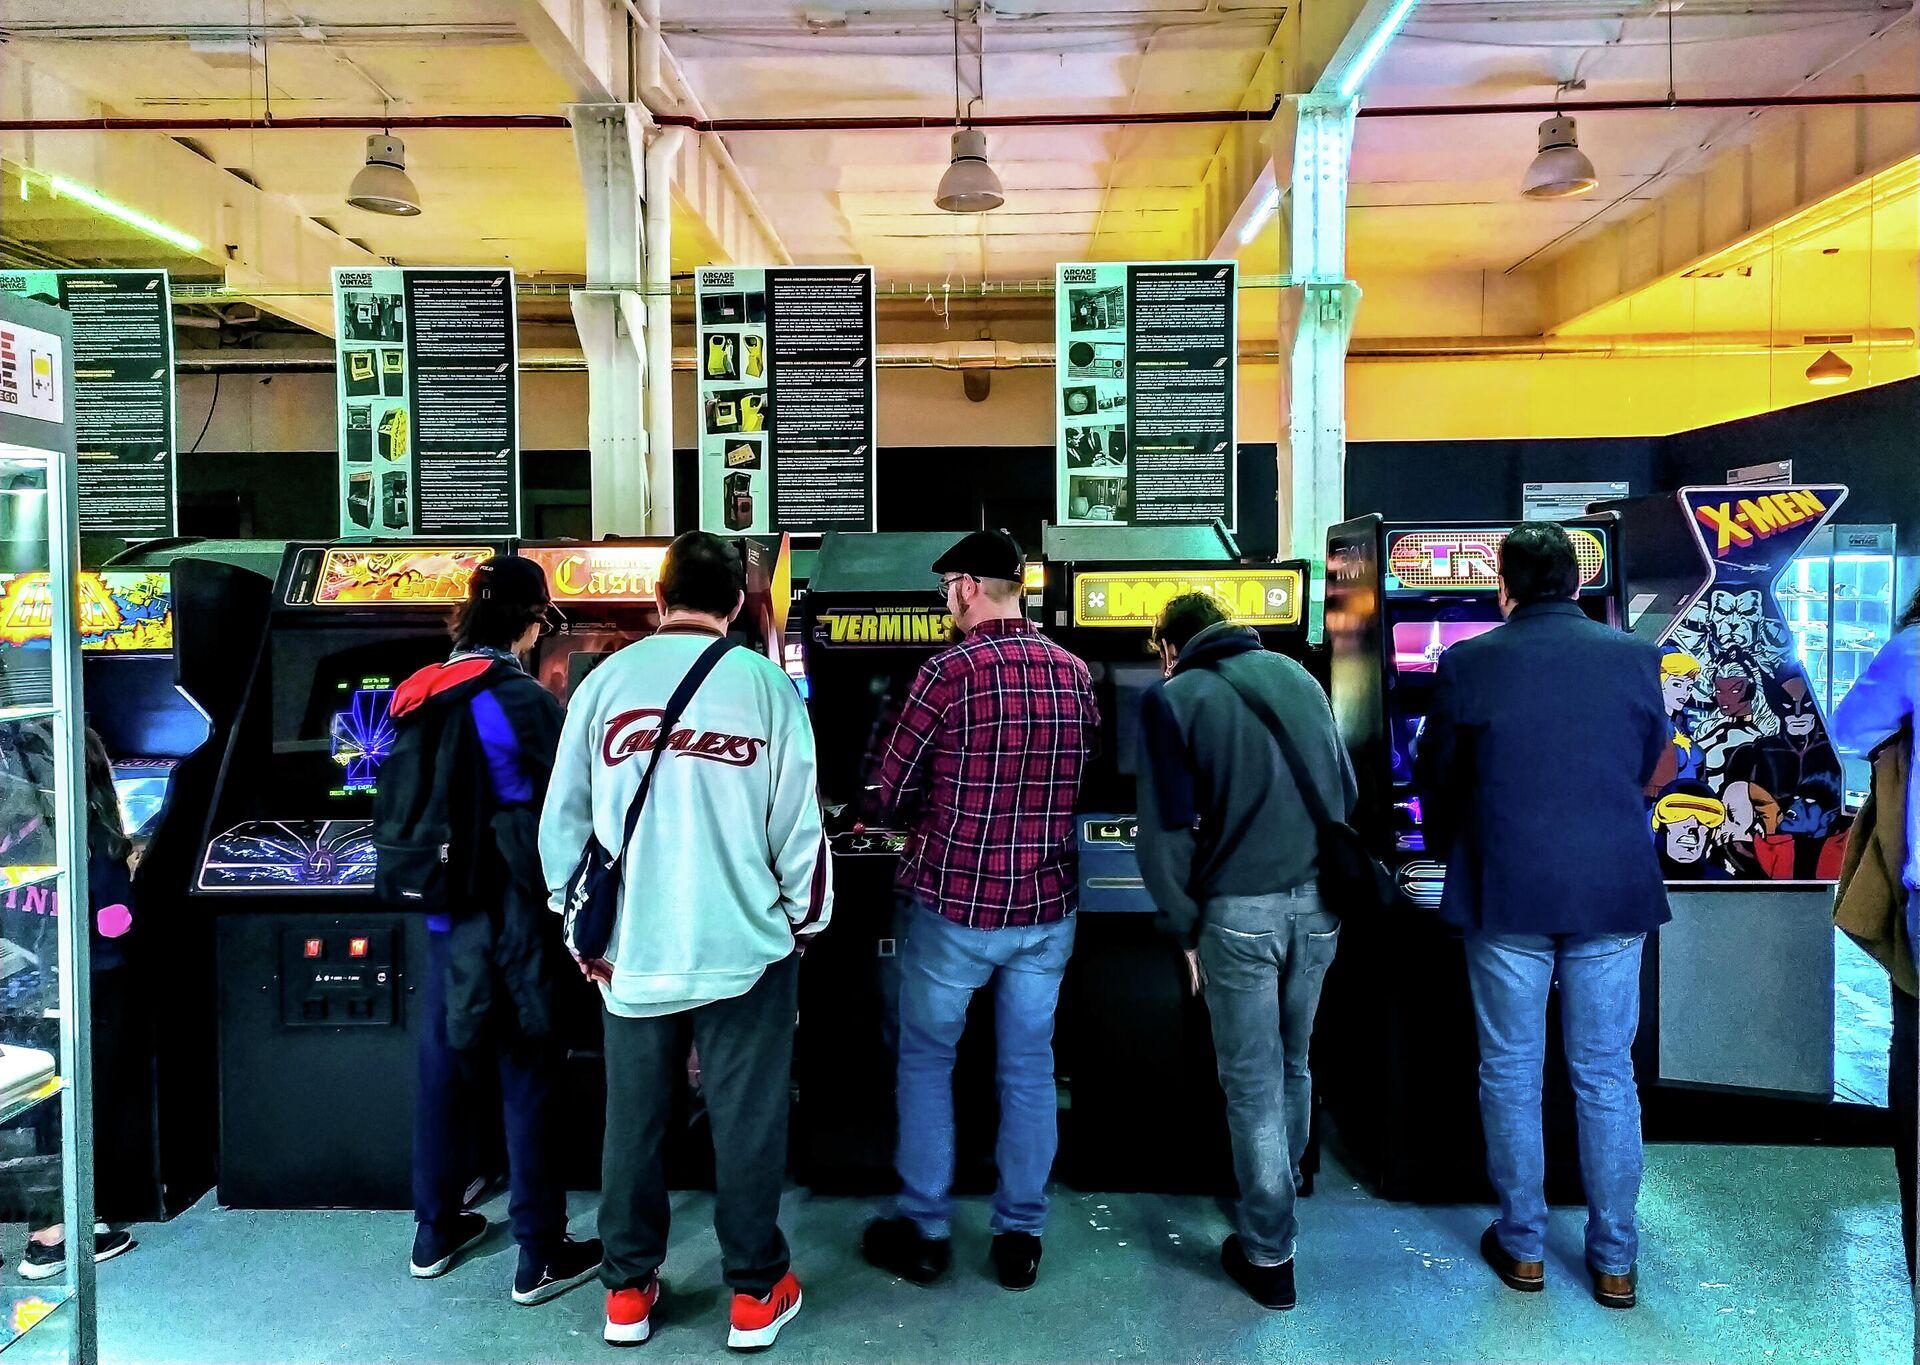 Imagen de Arcade Vintage, el museo del videojuego en la localidad alicantina de Ibi, en España - Sputnik Mundo, 1920, 30.08.2021